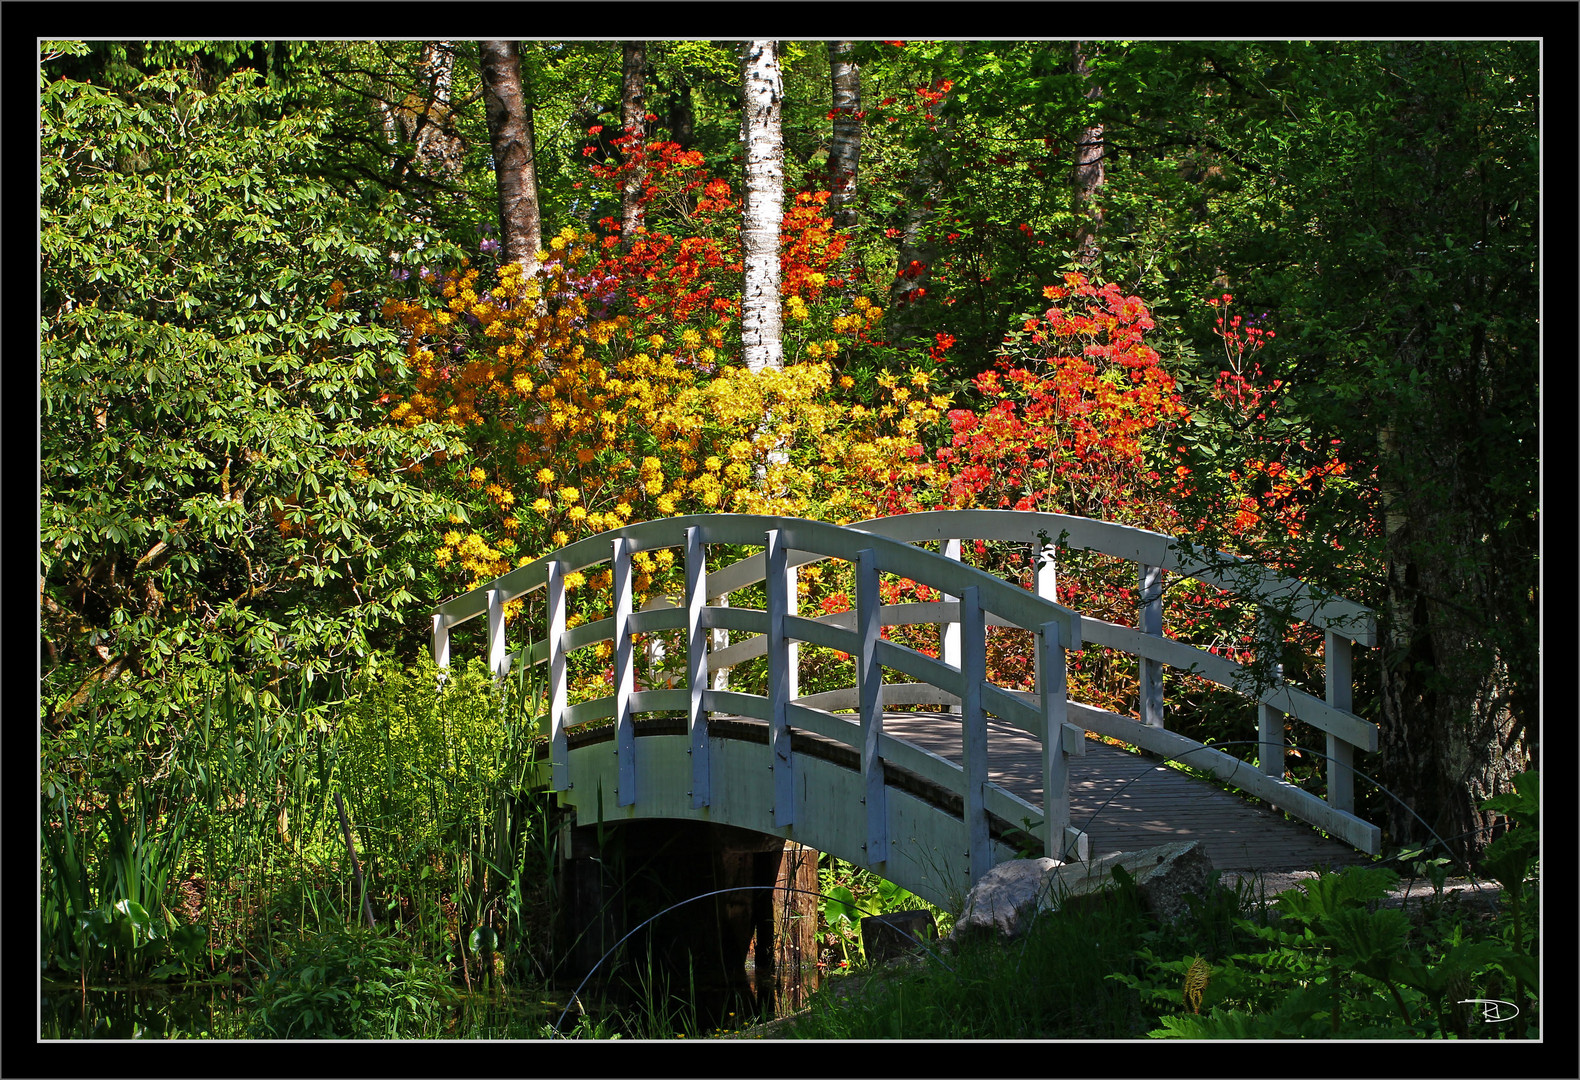 über die Brücke musst du gehn